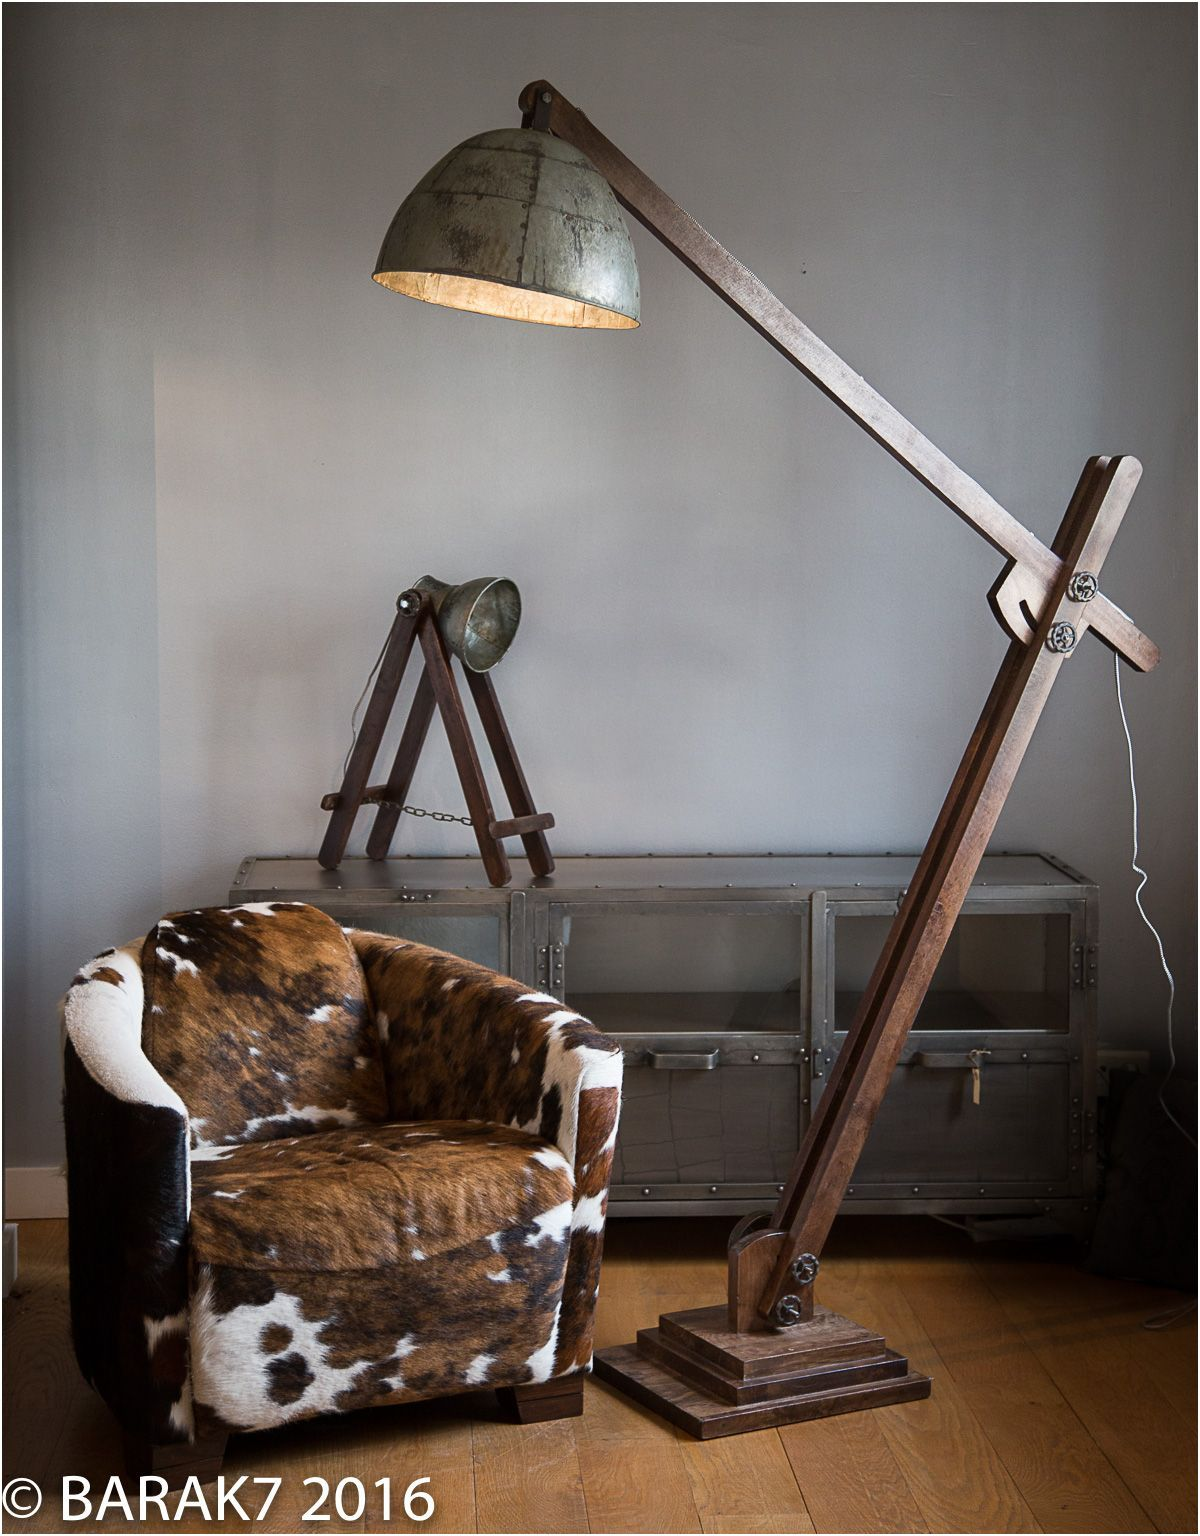 12 Magnifique Luminaire Lampe Collection En 2020 Lampadaire Diy Lampe Industrielle Lamp